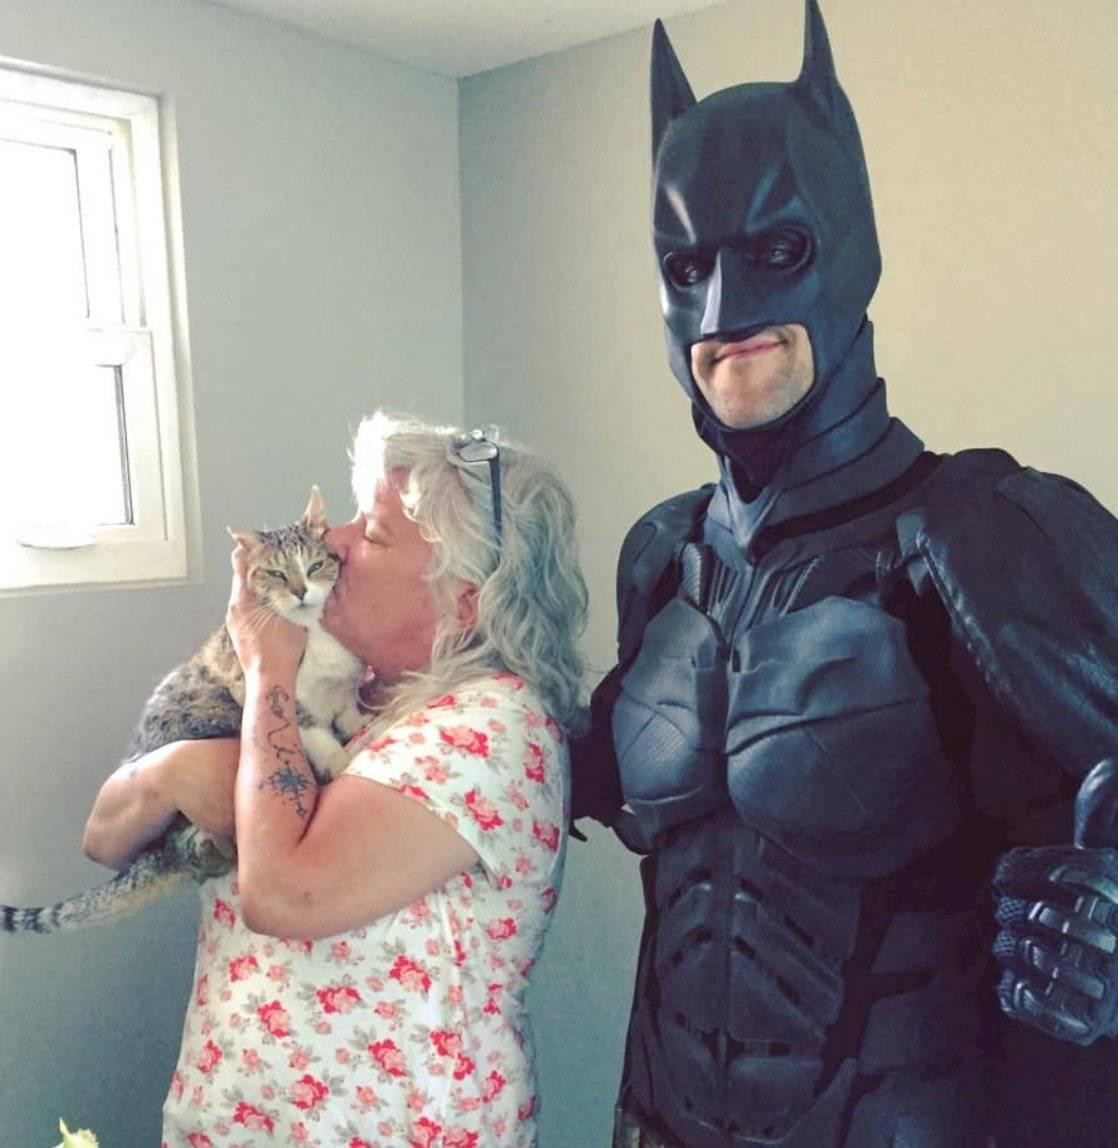 Batman4Paws